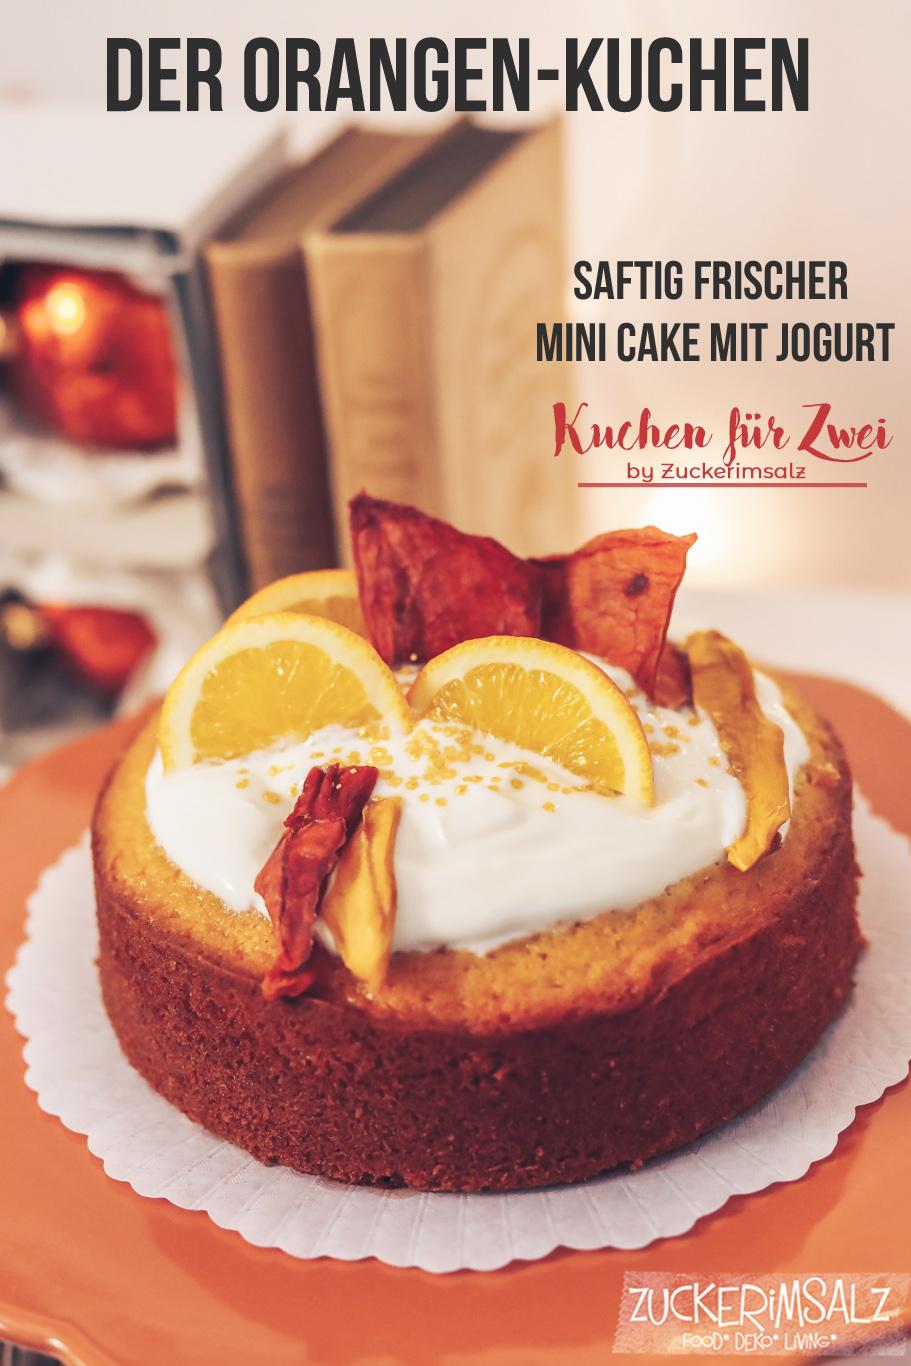 Kuchen für Zwei | Der Orangen-Kuchen … ein saftig frischer Mini Cake mit Jogurt